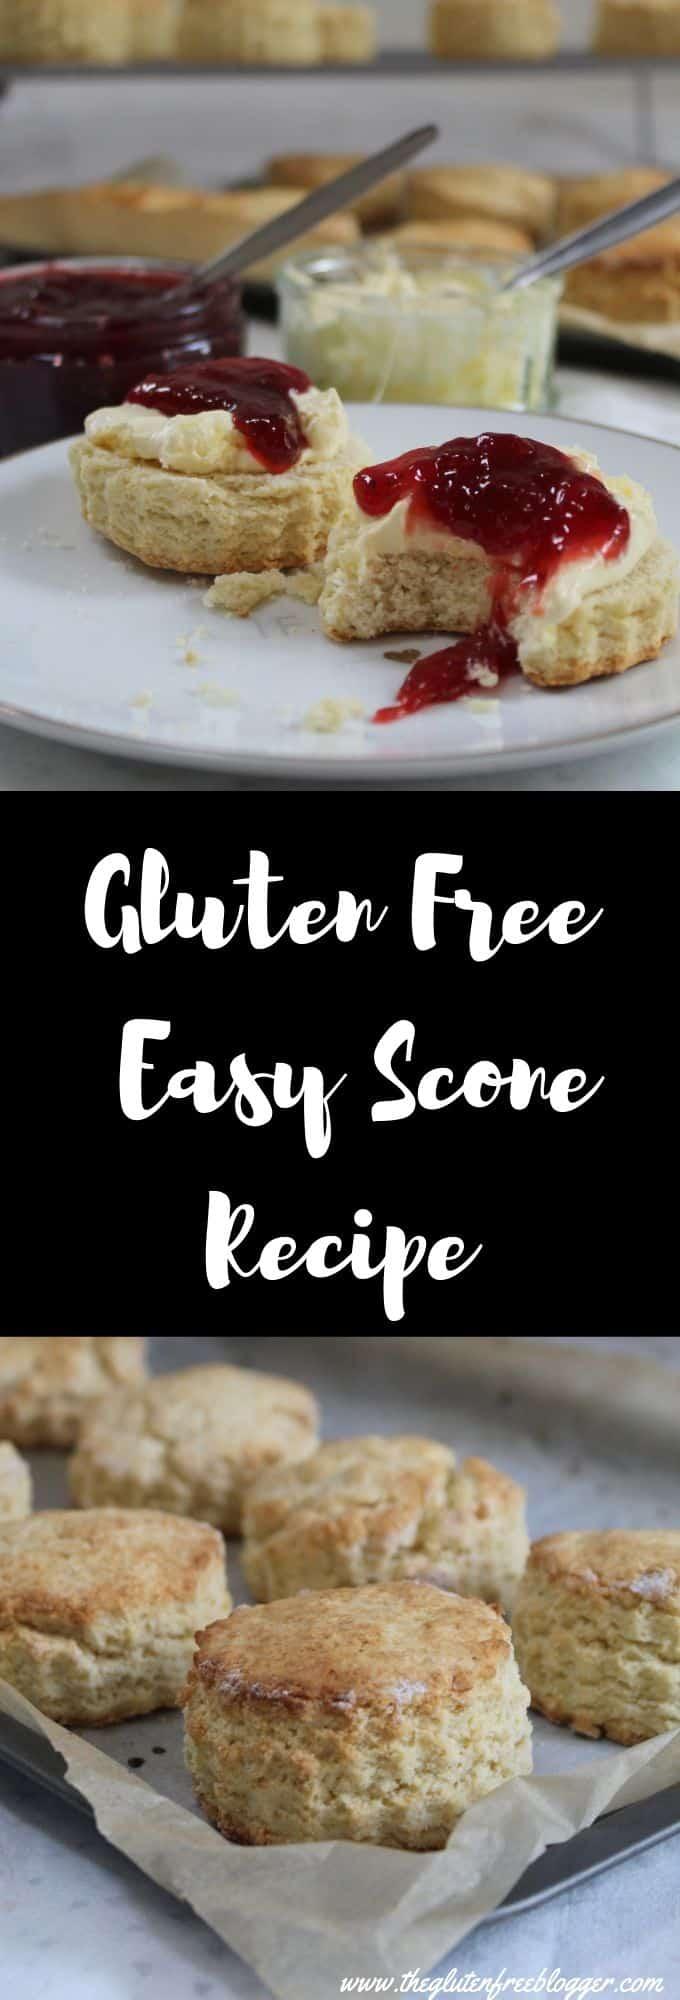 gluten free scone recipe - plain scone recipe - gluten free cream tea - coeliac celiac - easy baking recipe